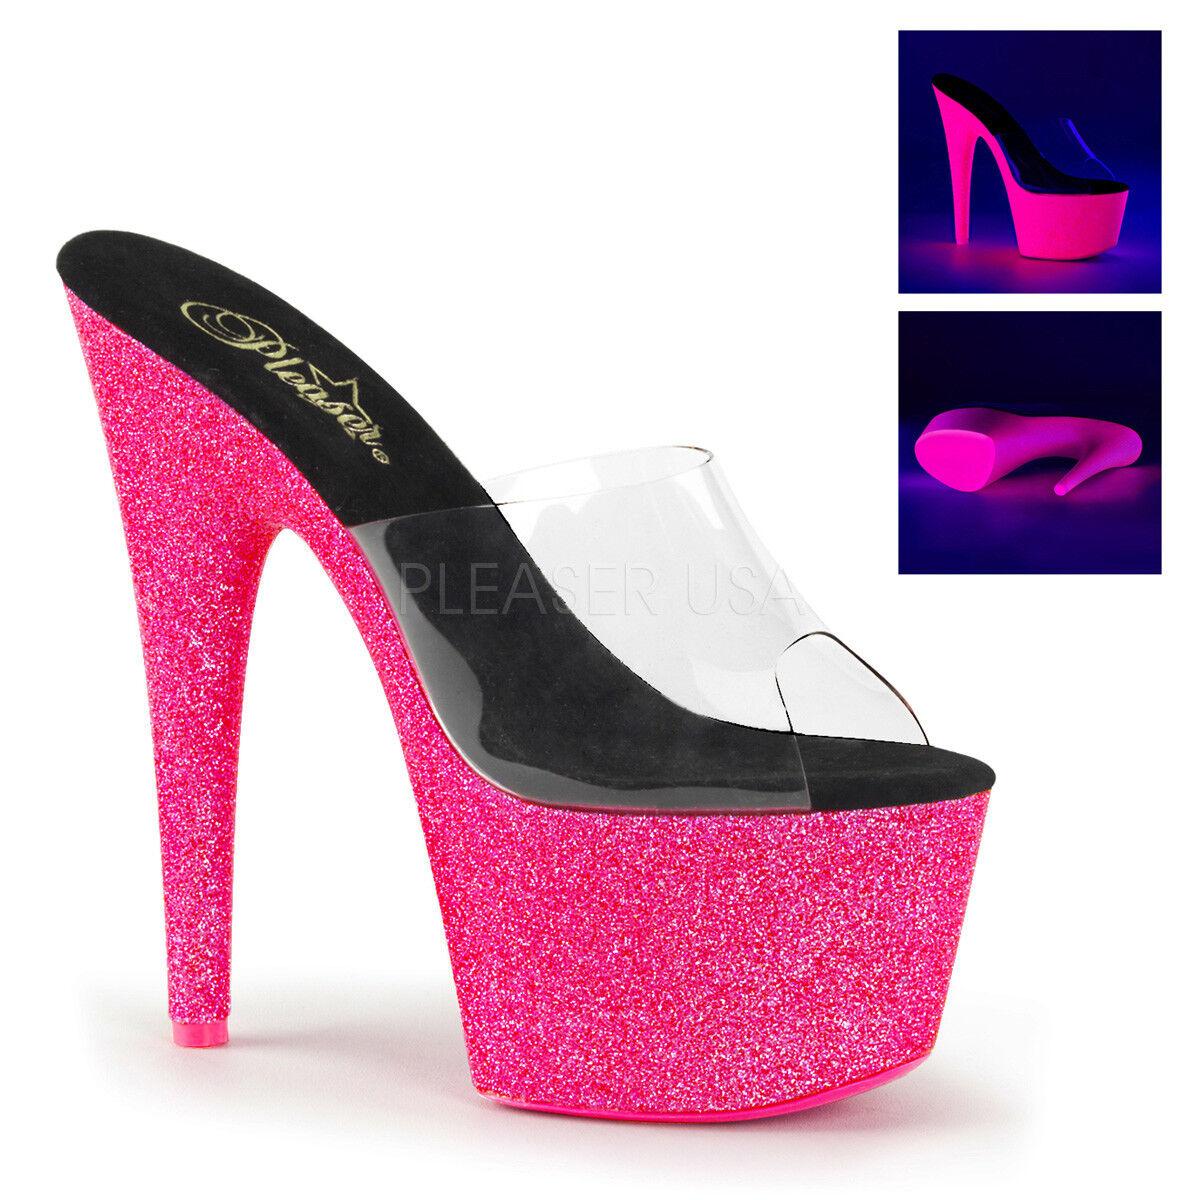 senza esitazione! acquista ora! Pleaser ADORE-701UVG Donna    Clear Neon rosa Glitter Heel Platform Pumps Sandals  ordina ora con grande sconto e consegna gratuita